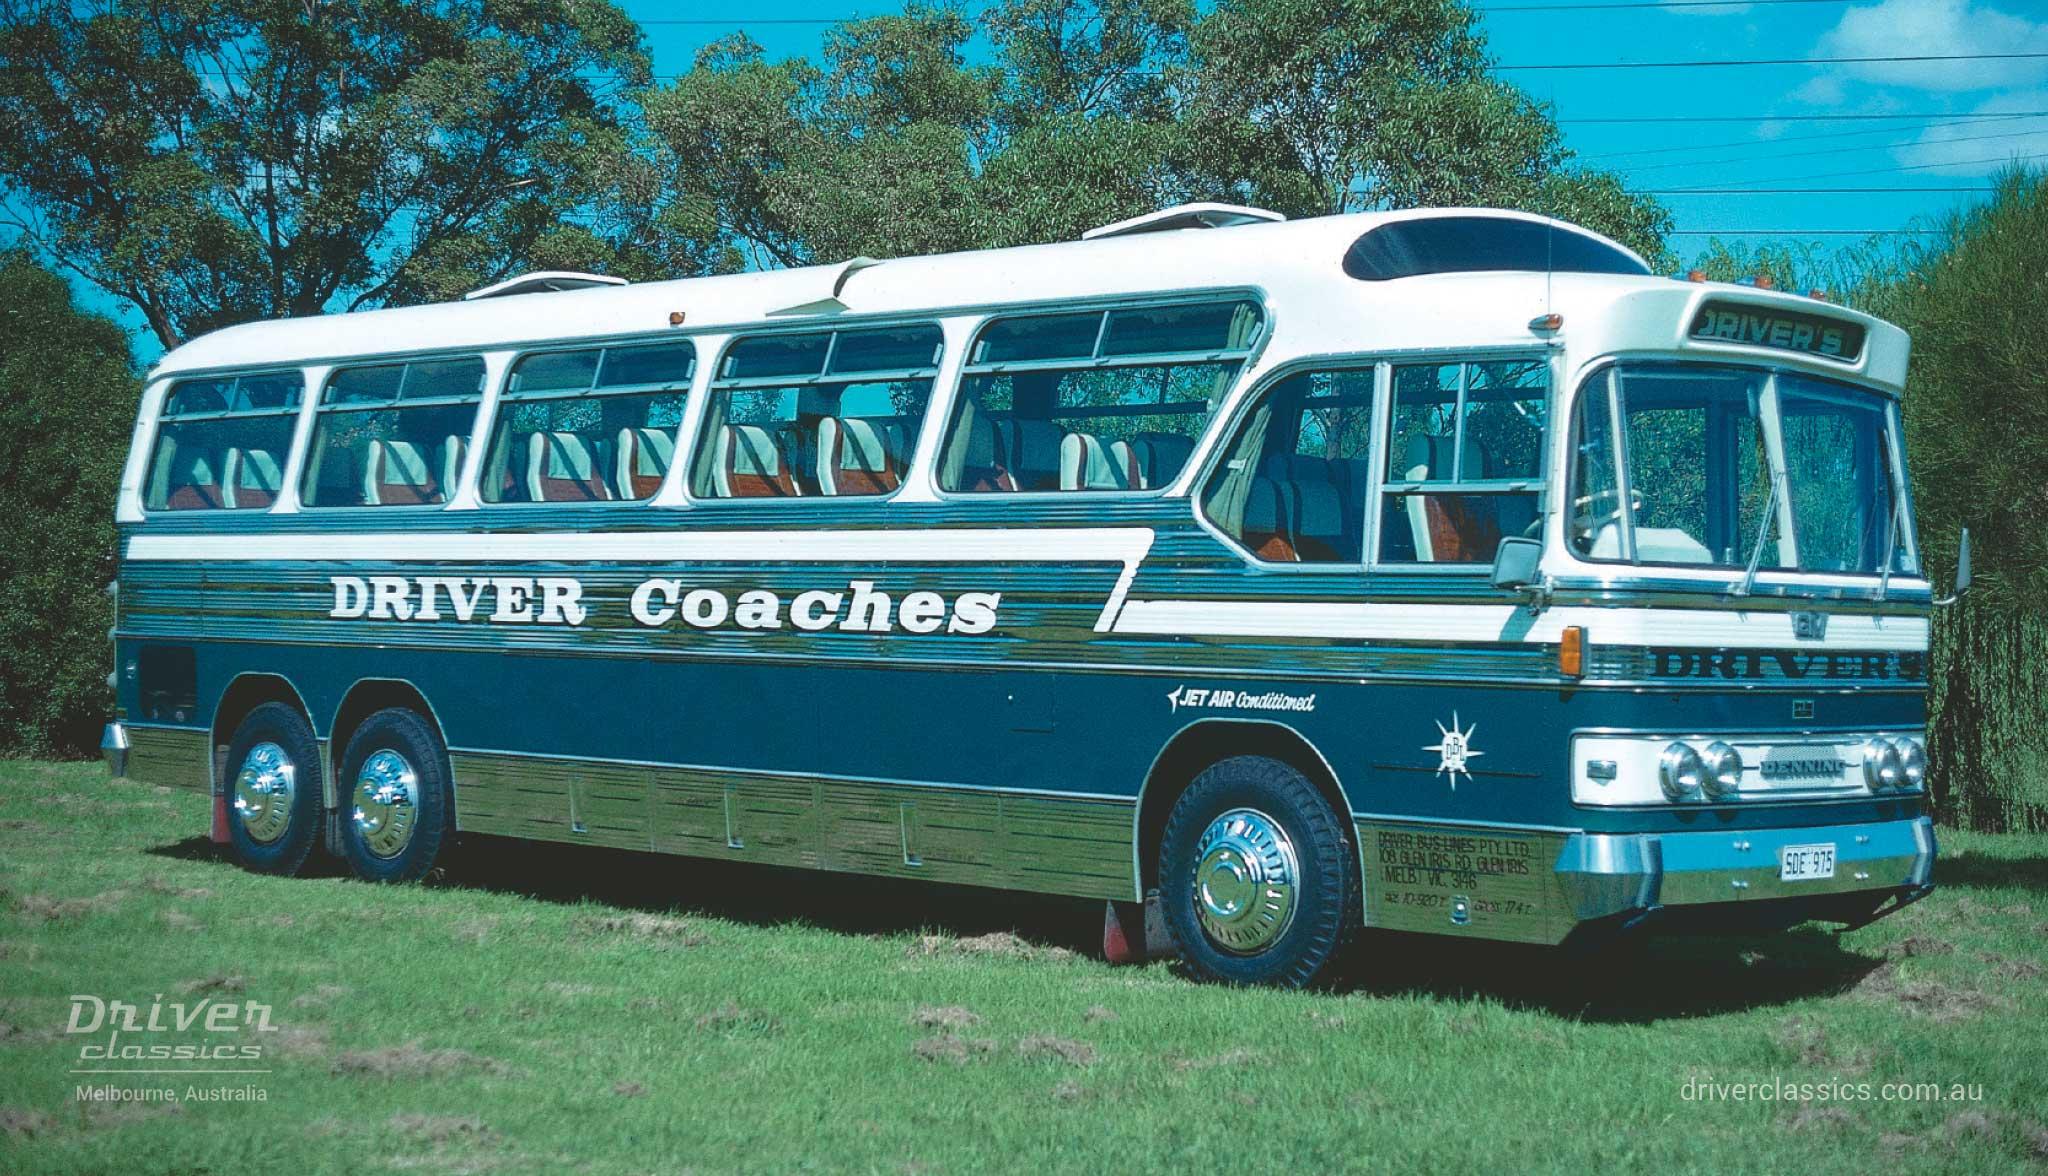 GM Denning Mono bus, 1978 version